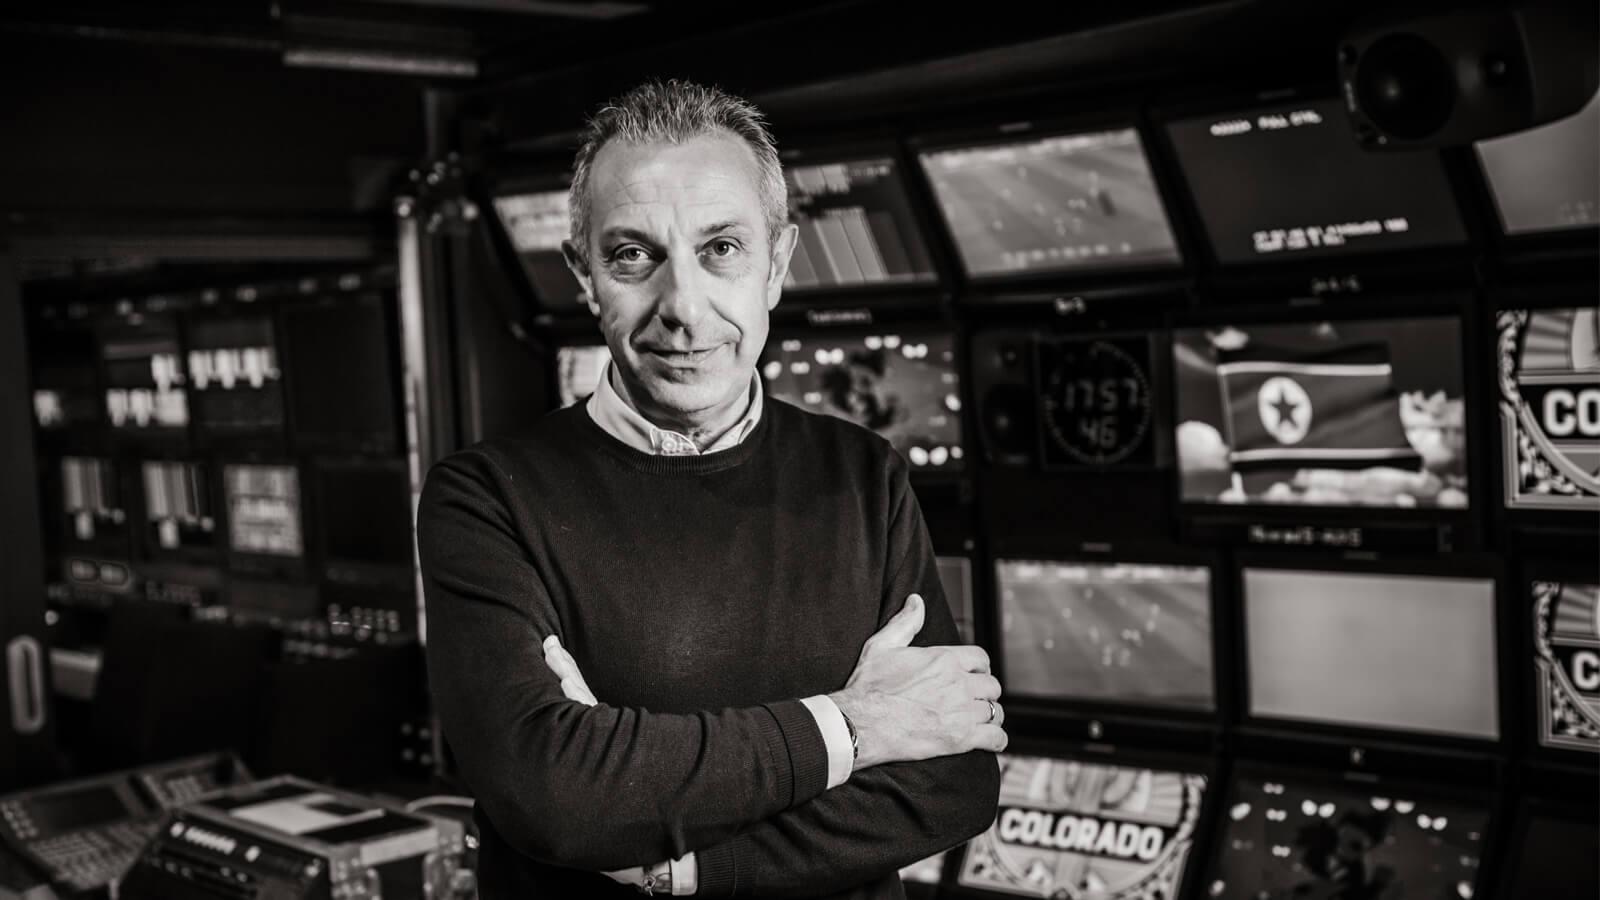 Massimiliano Anchise